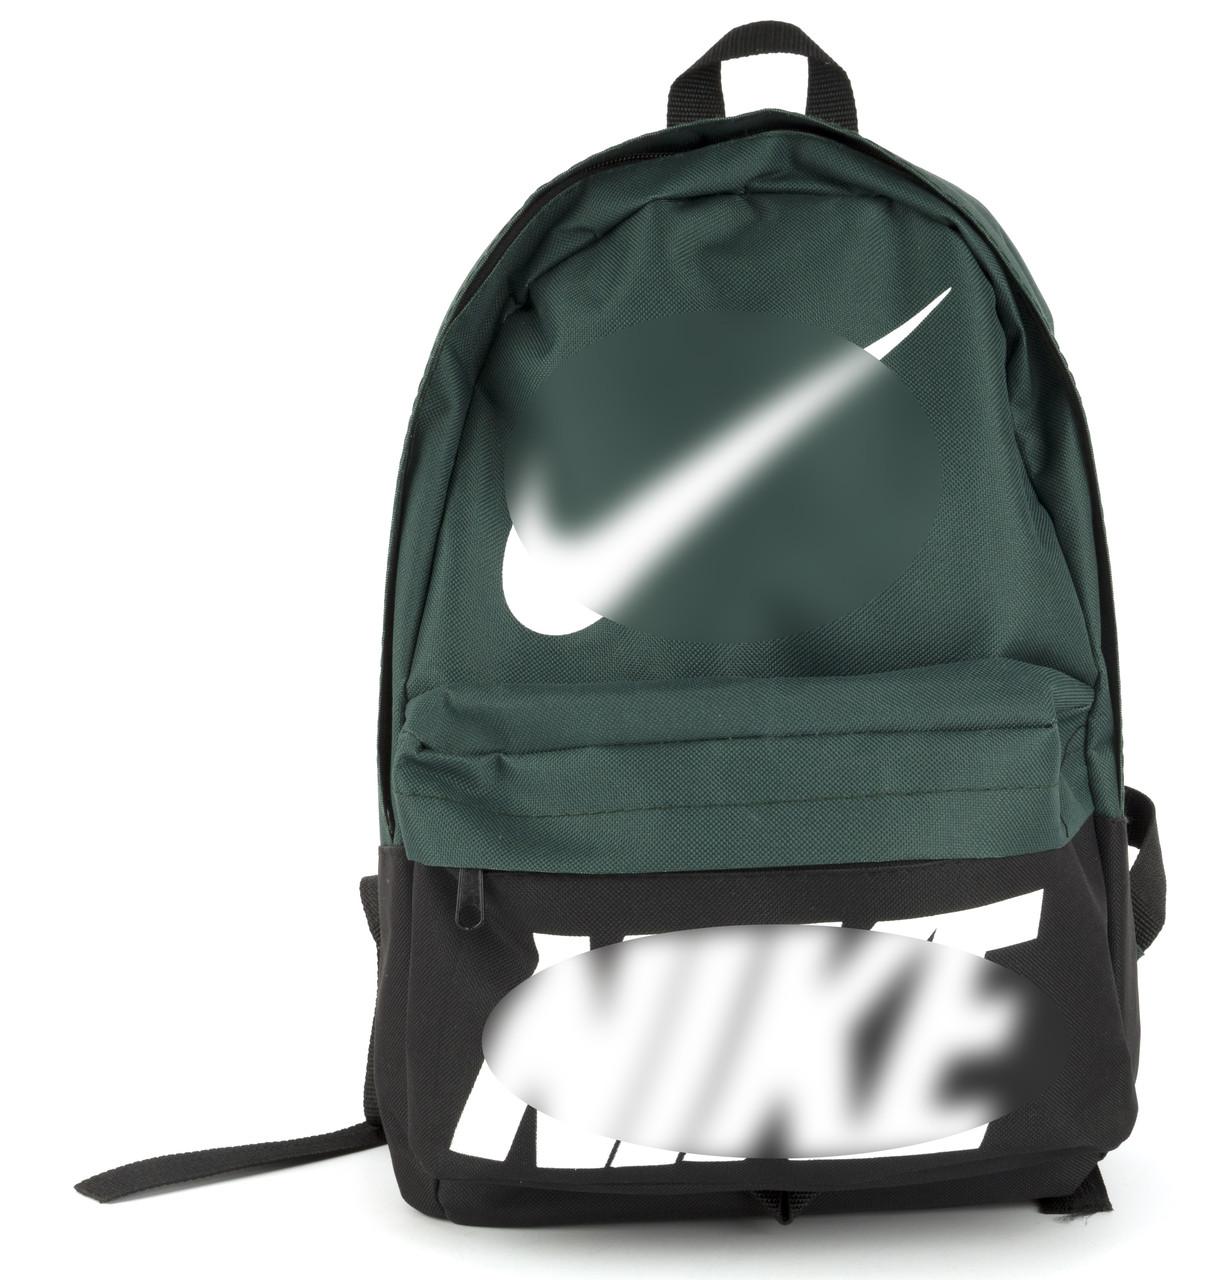 Спортивный мужской рюкзак  art. 16-13